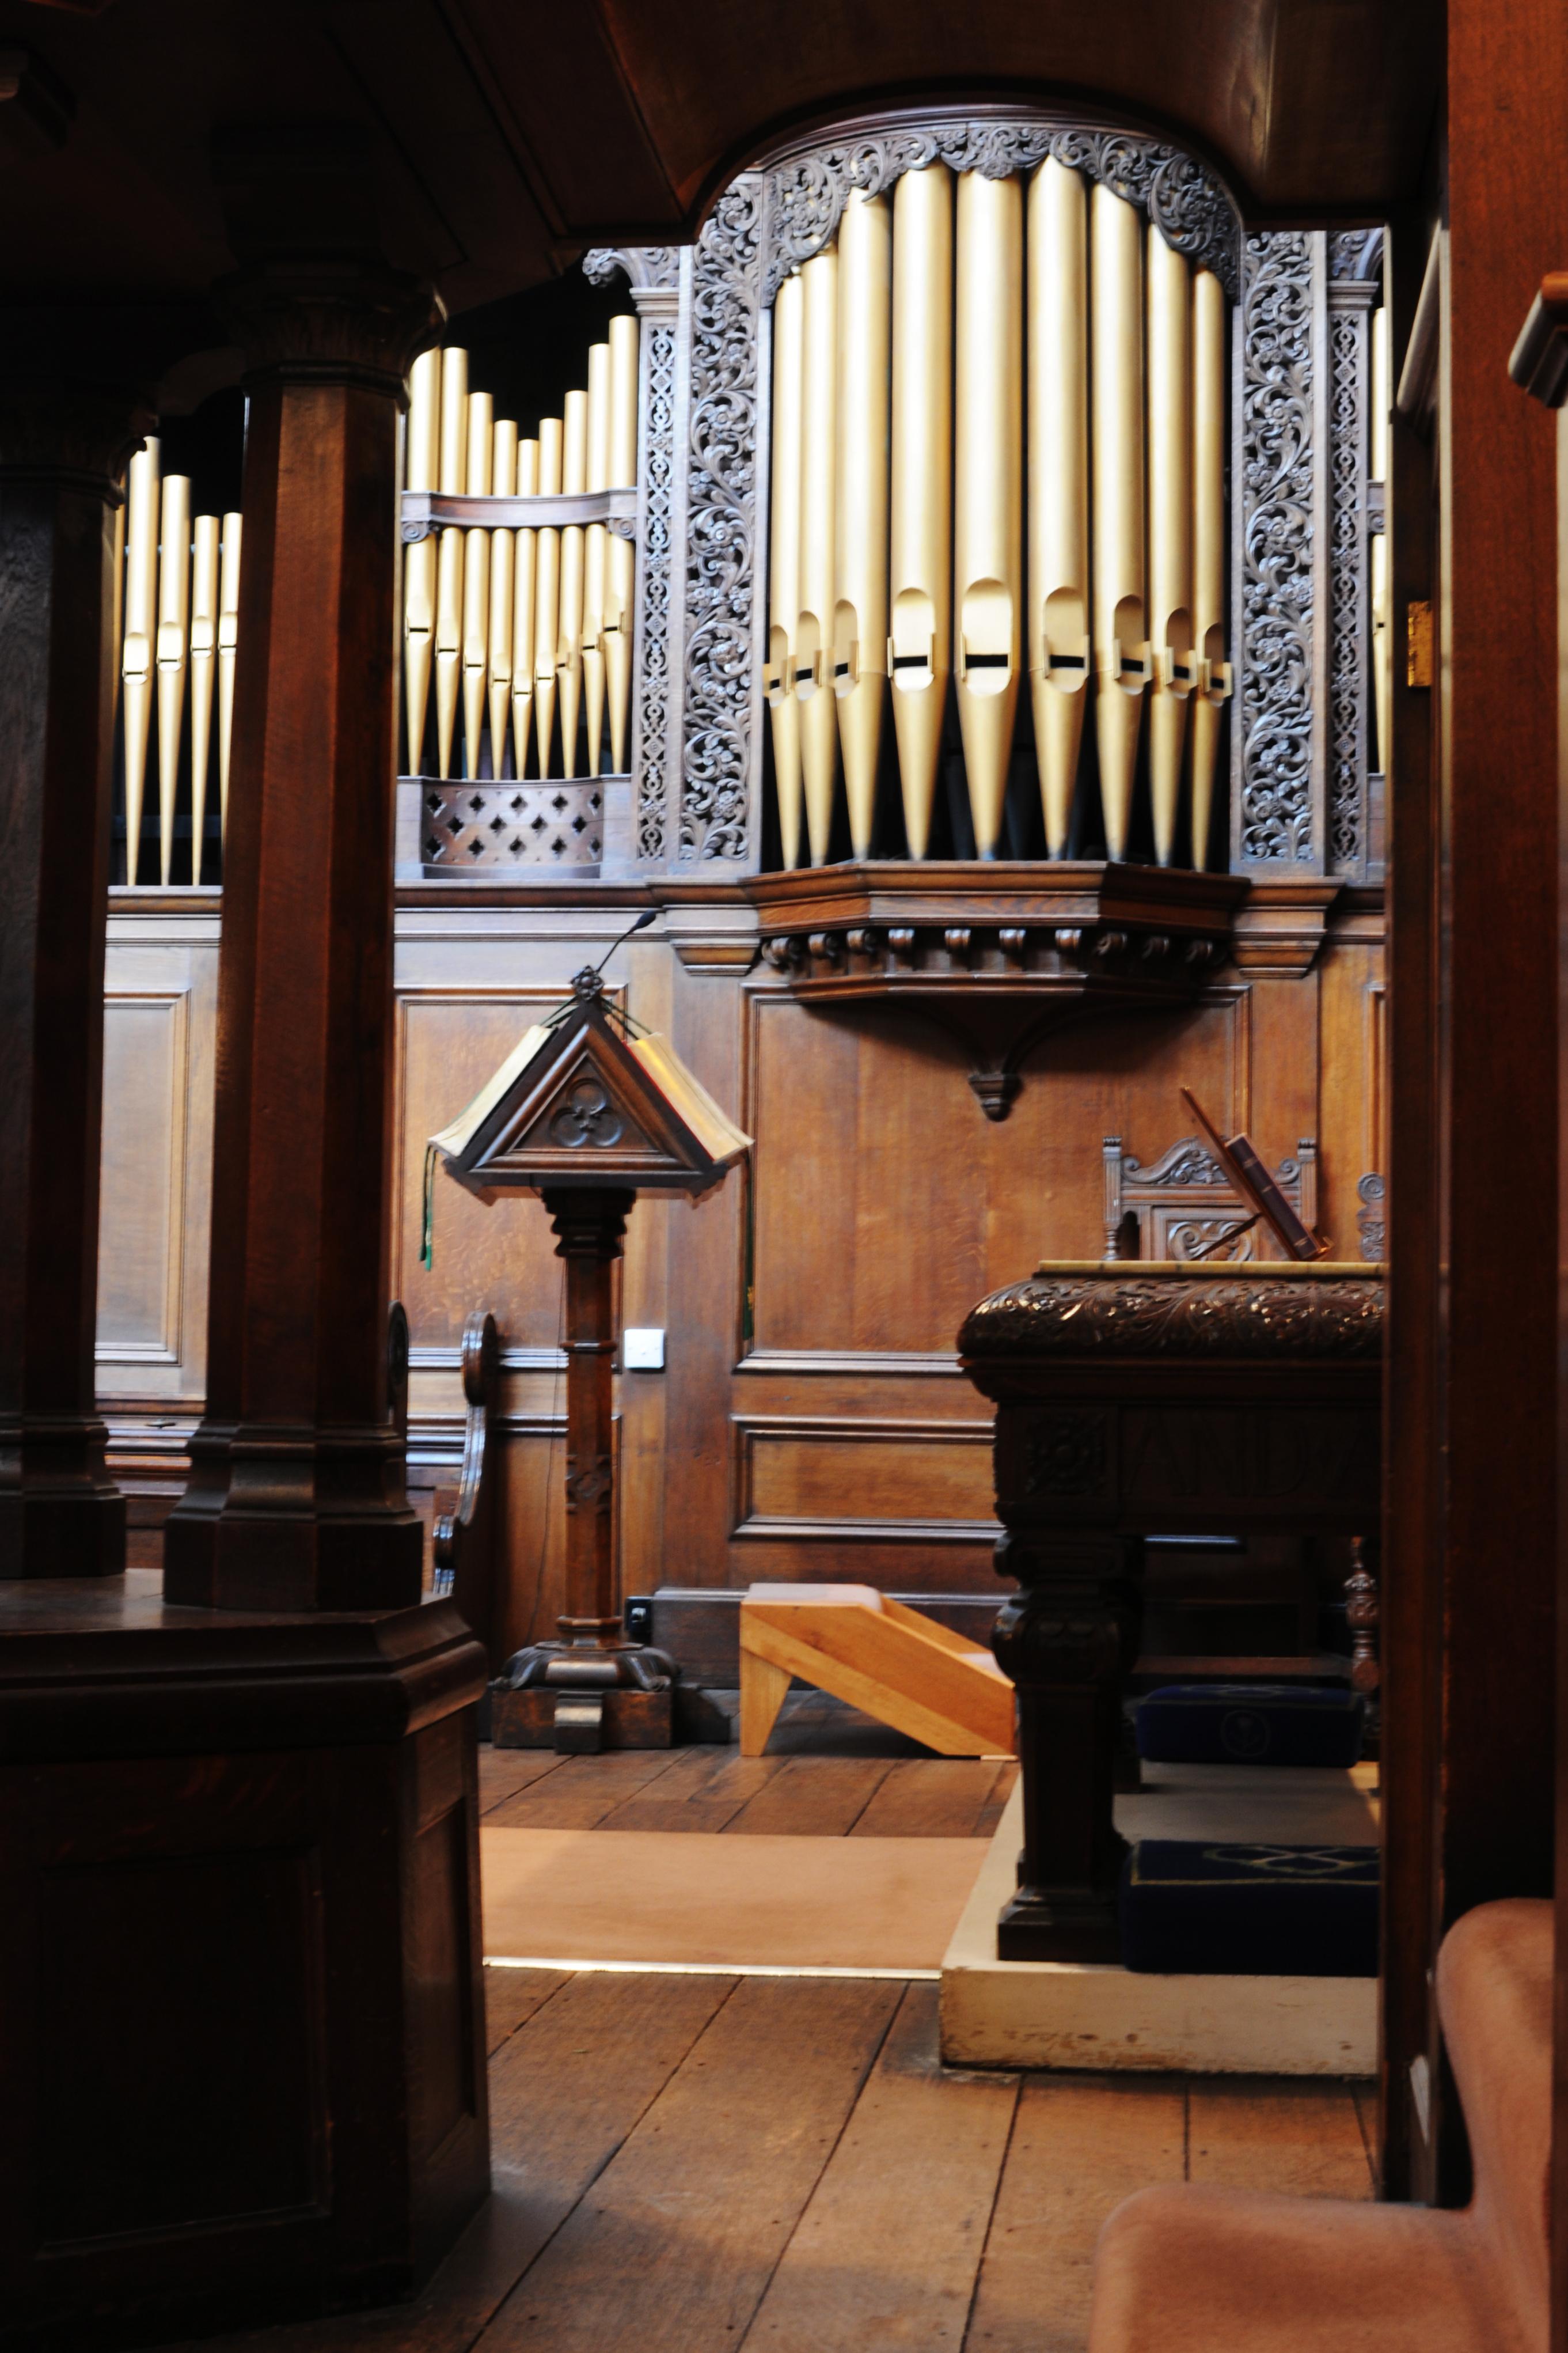 Image of organ pipes